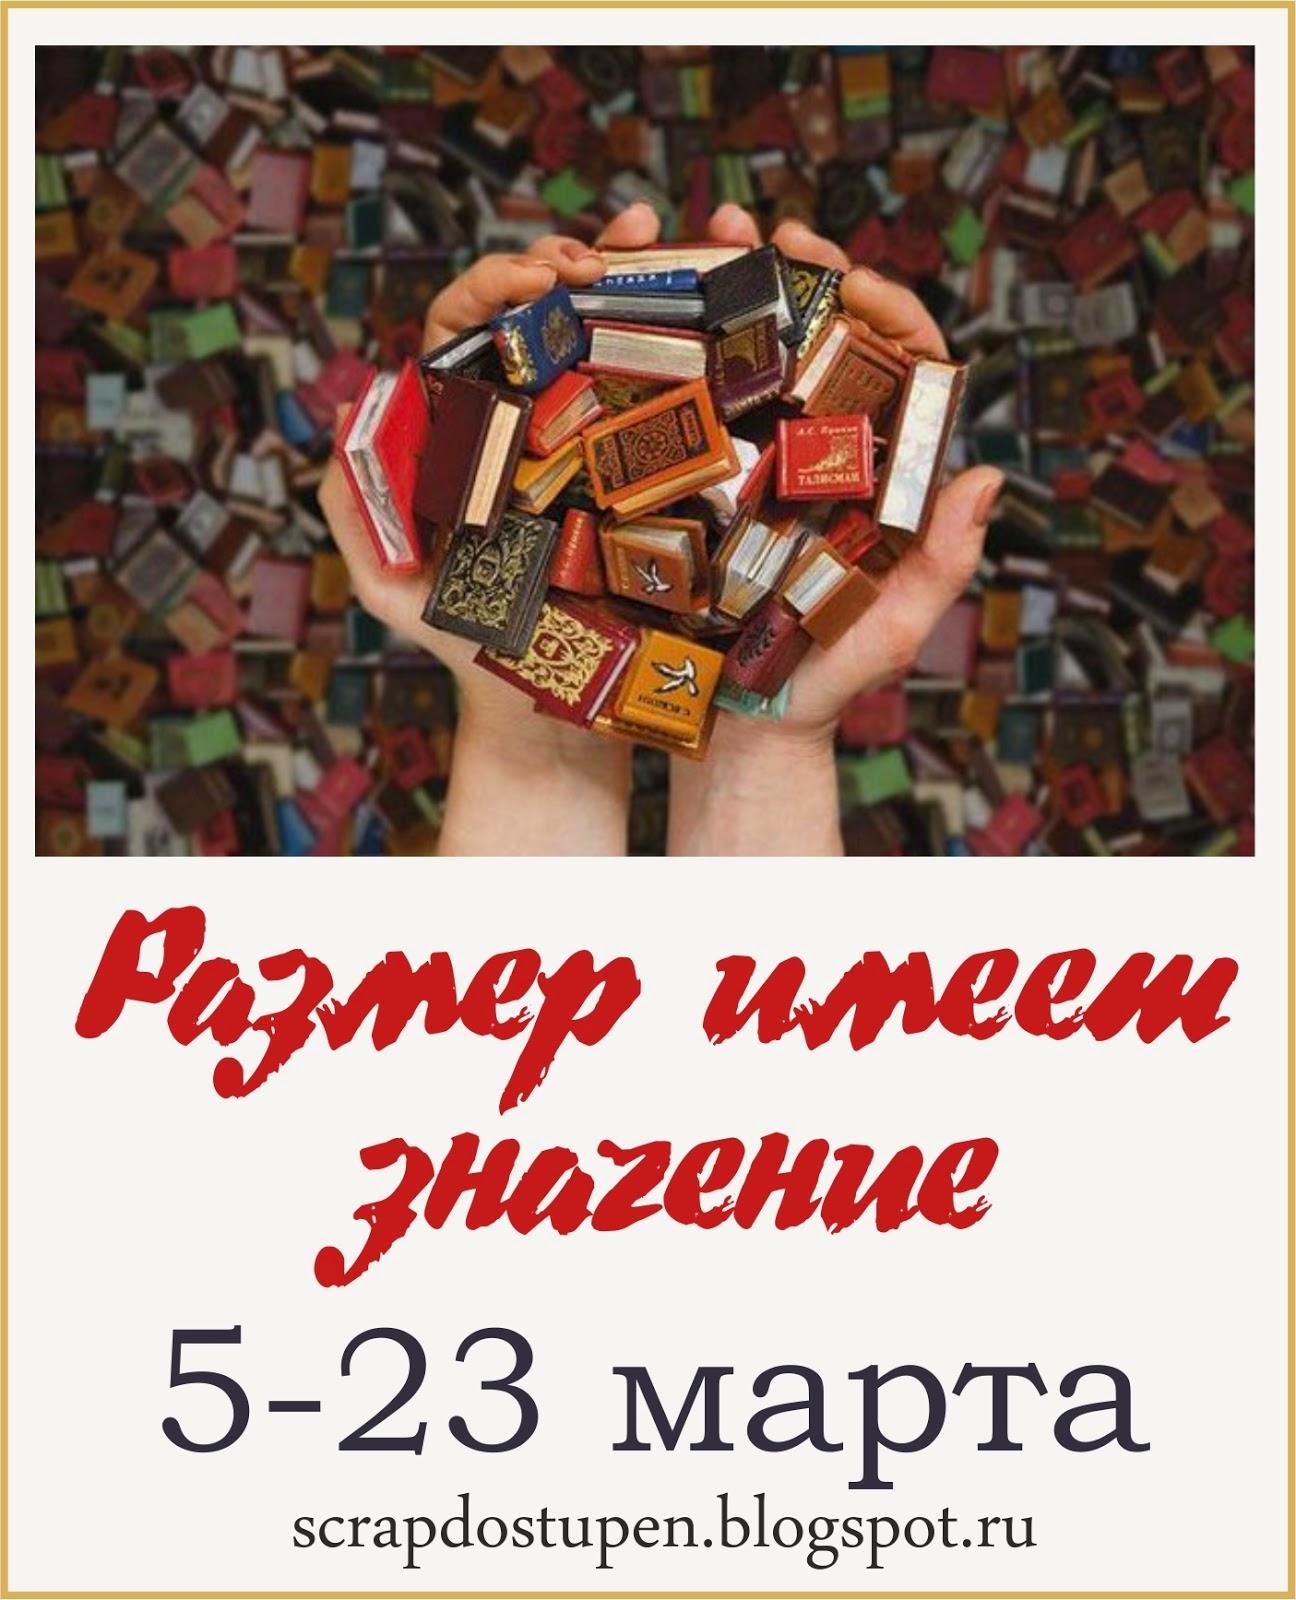 http://scrapdostupen.blogspot.de/2015/03/blog-post_5.html